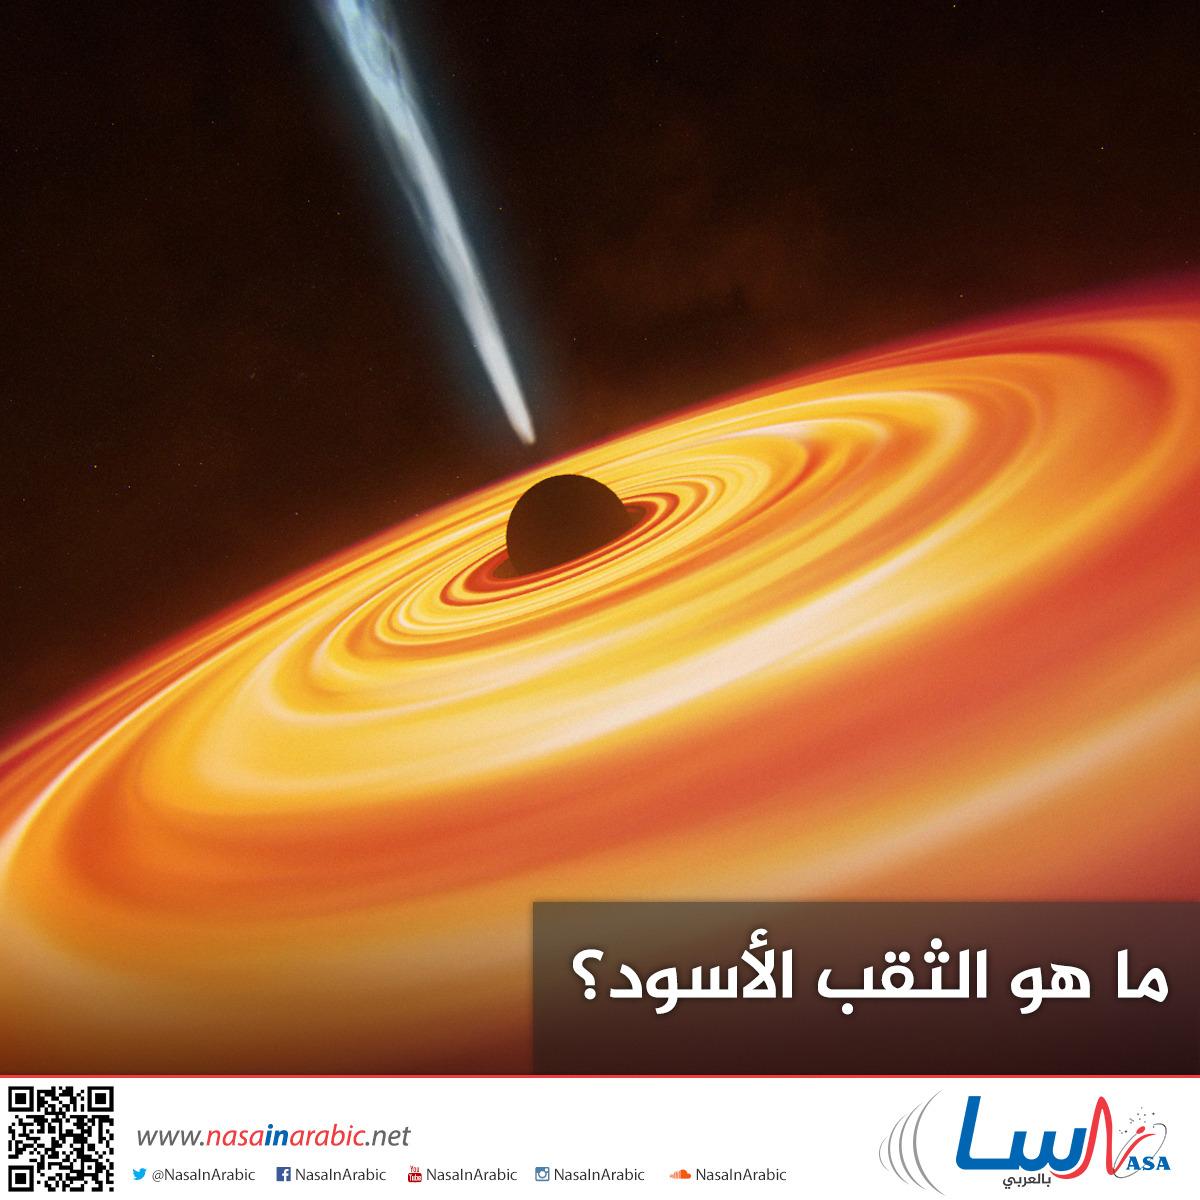 ما هو الثقب الأسود؟